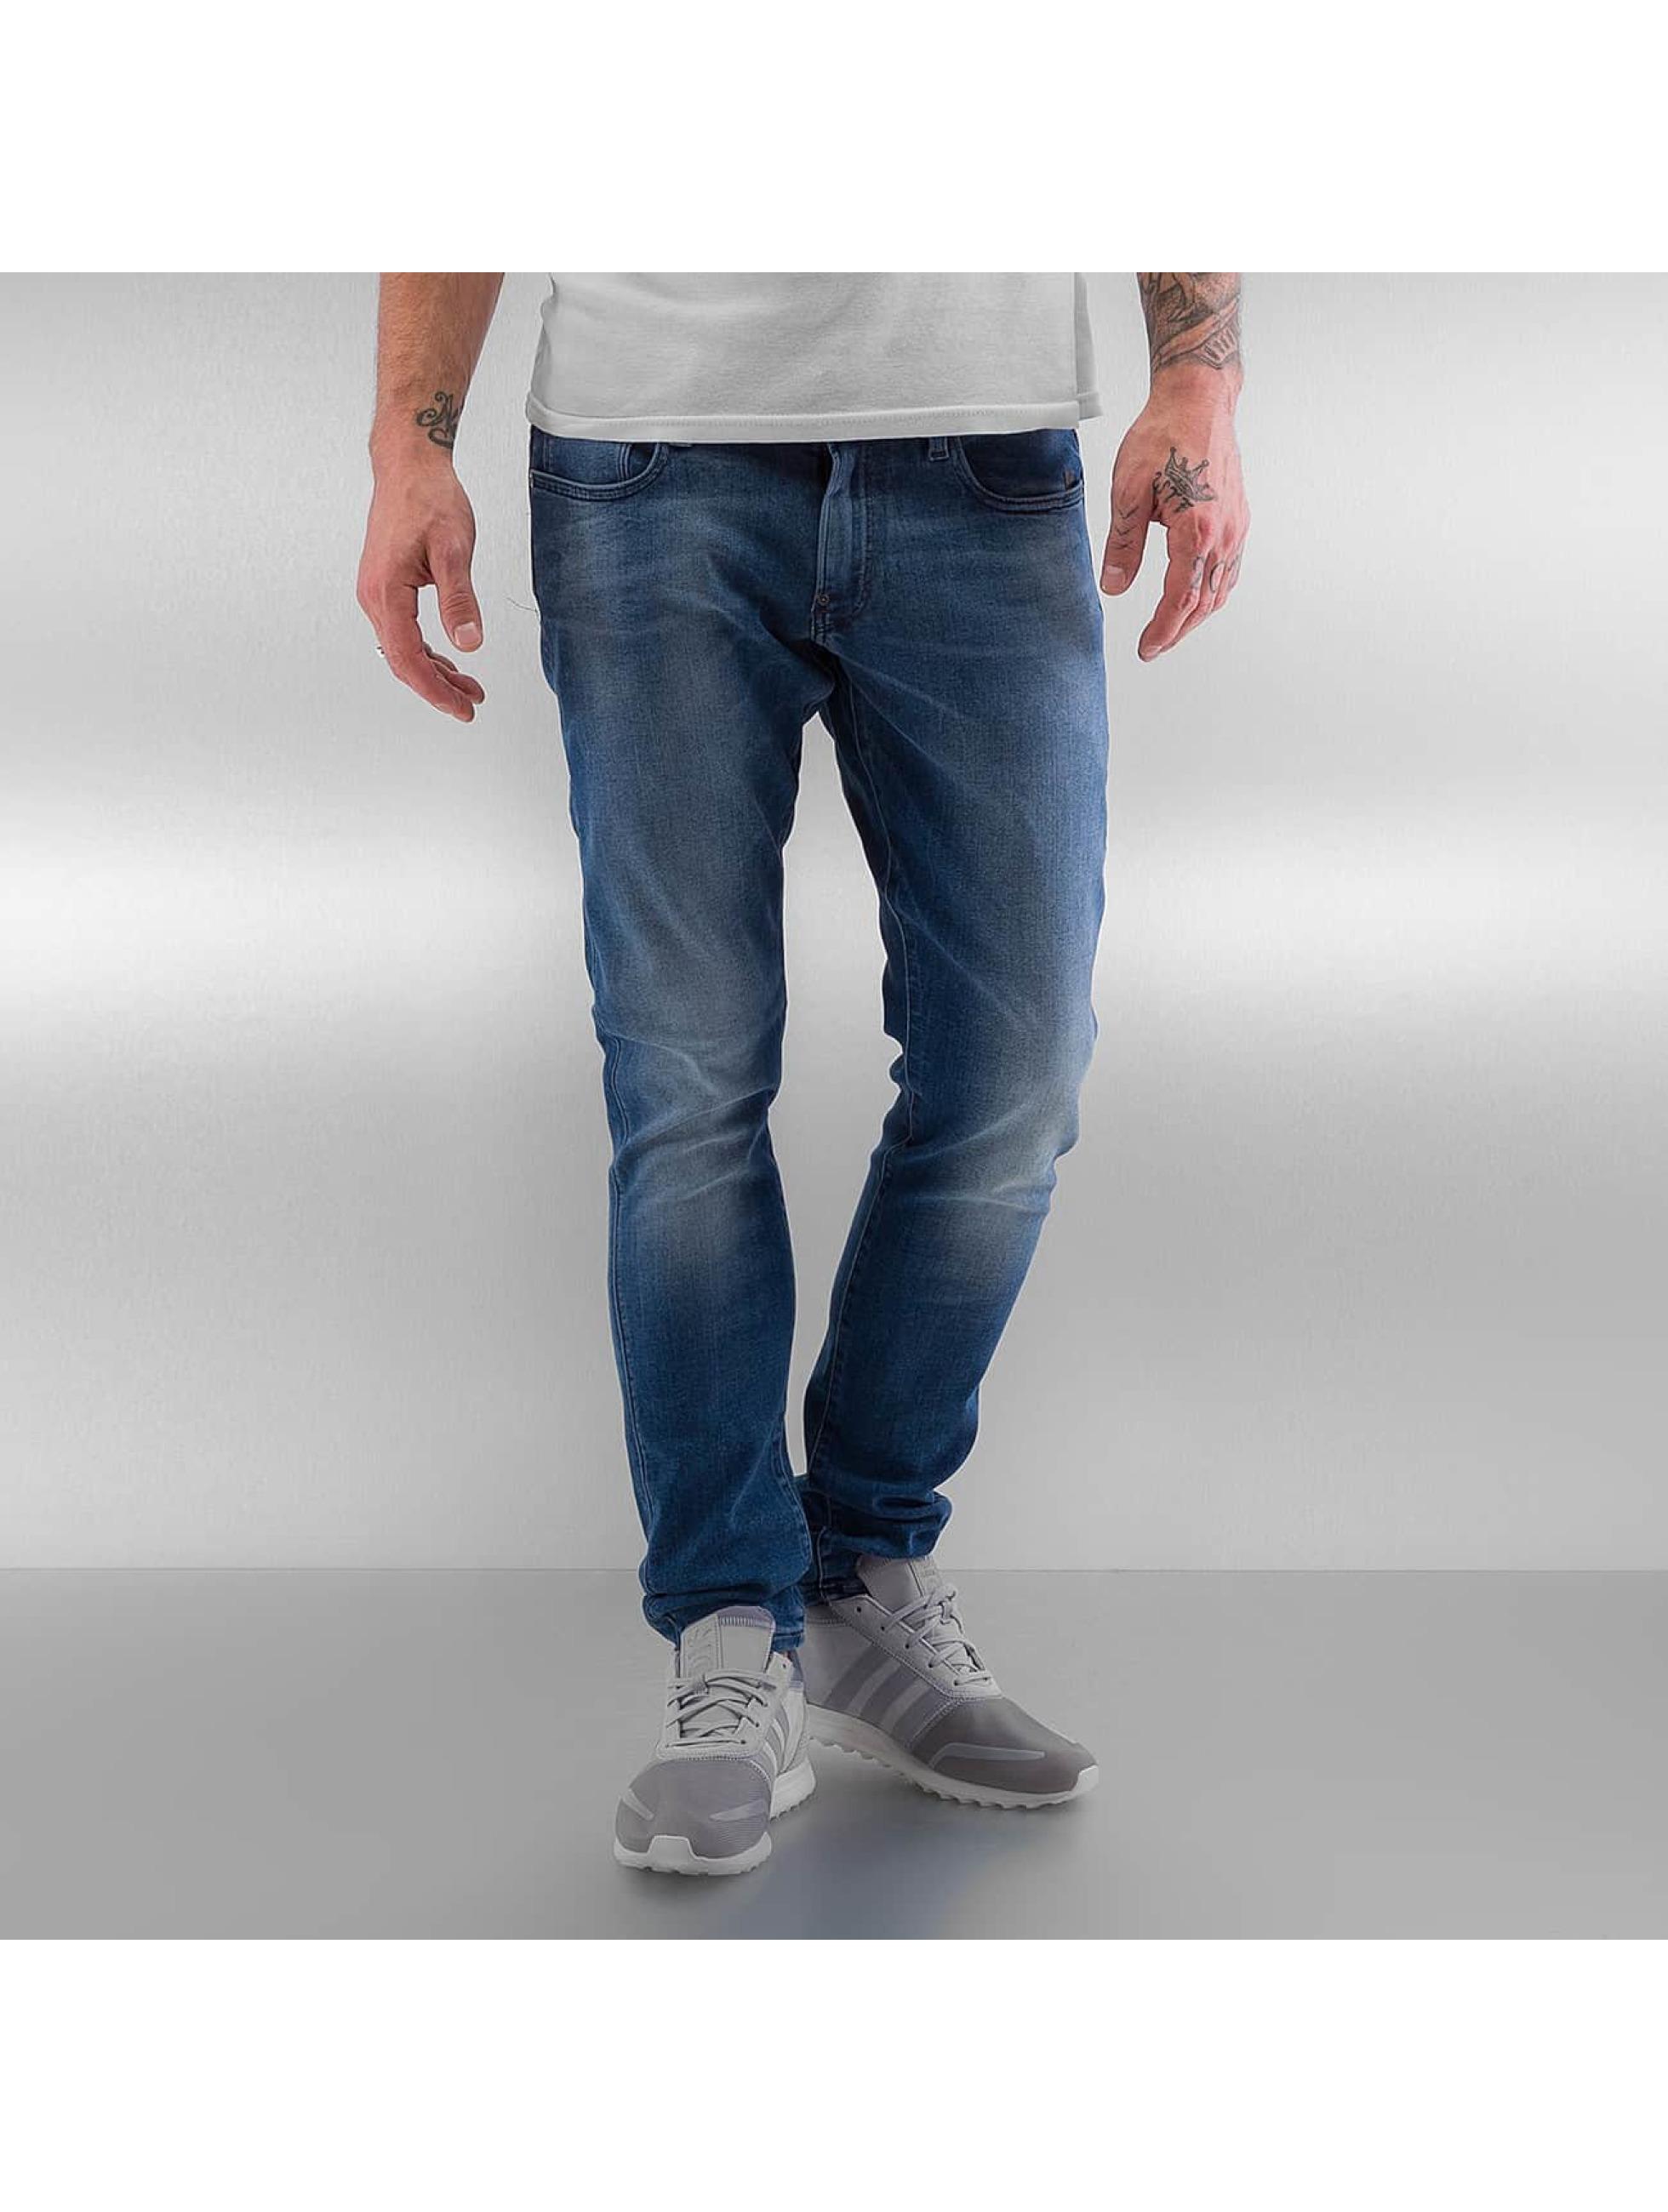 G-Star Облегающие джинсы Revend Super Slim Slander синий